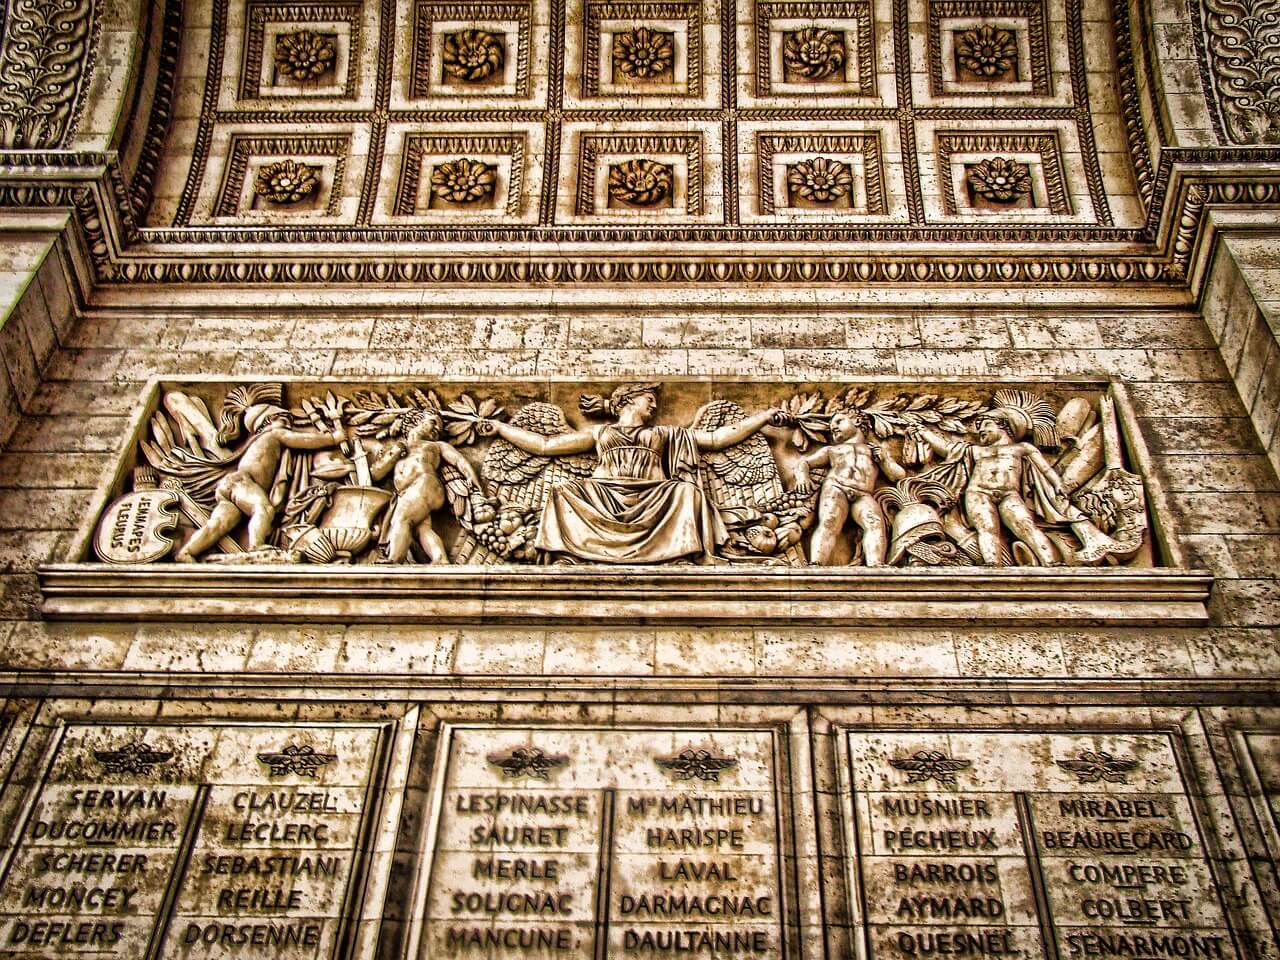 Inscripciones en el Arco del Triunfo en París